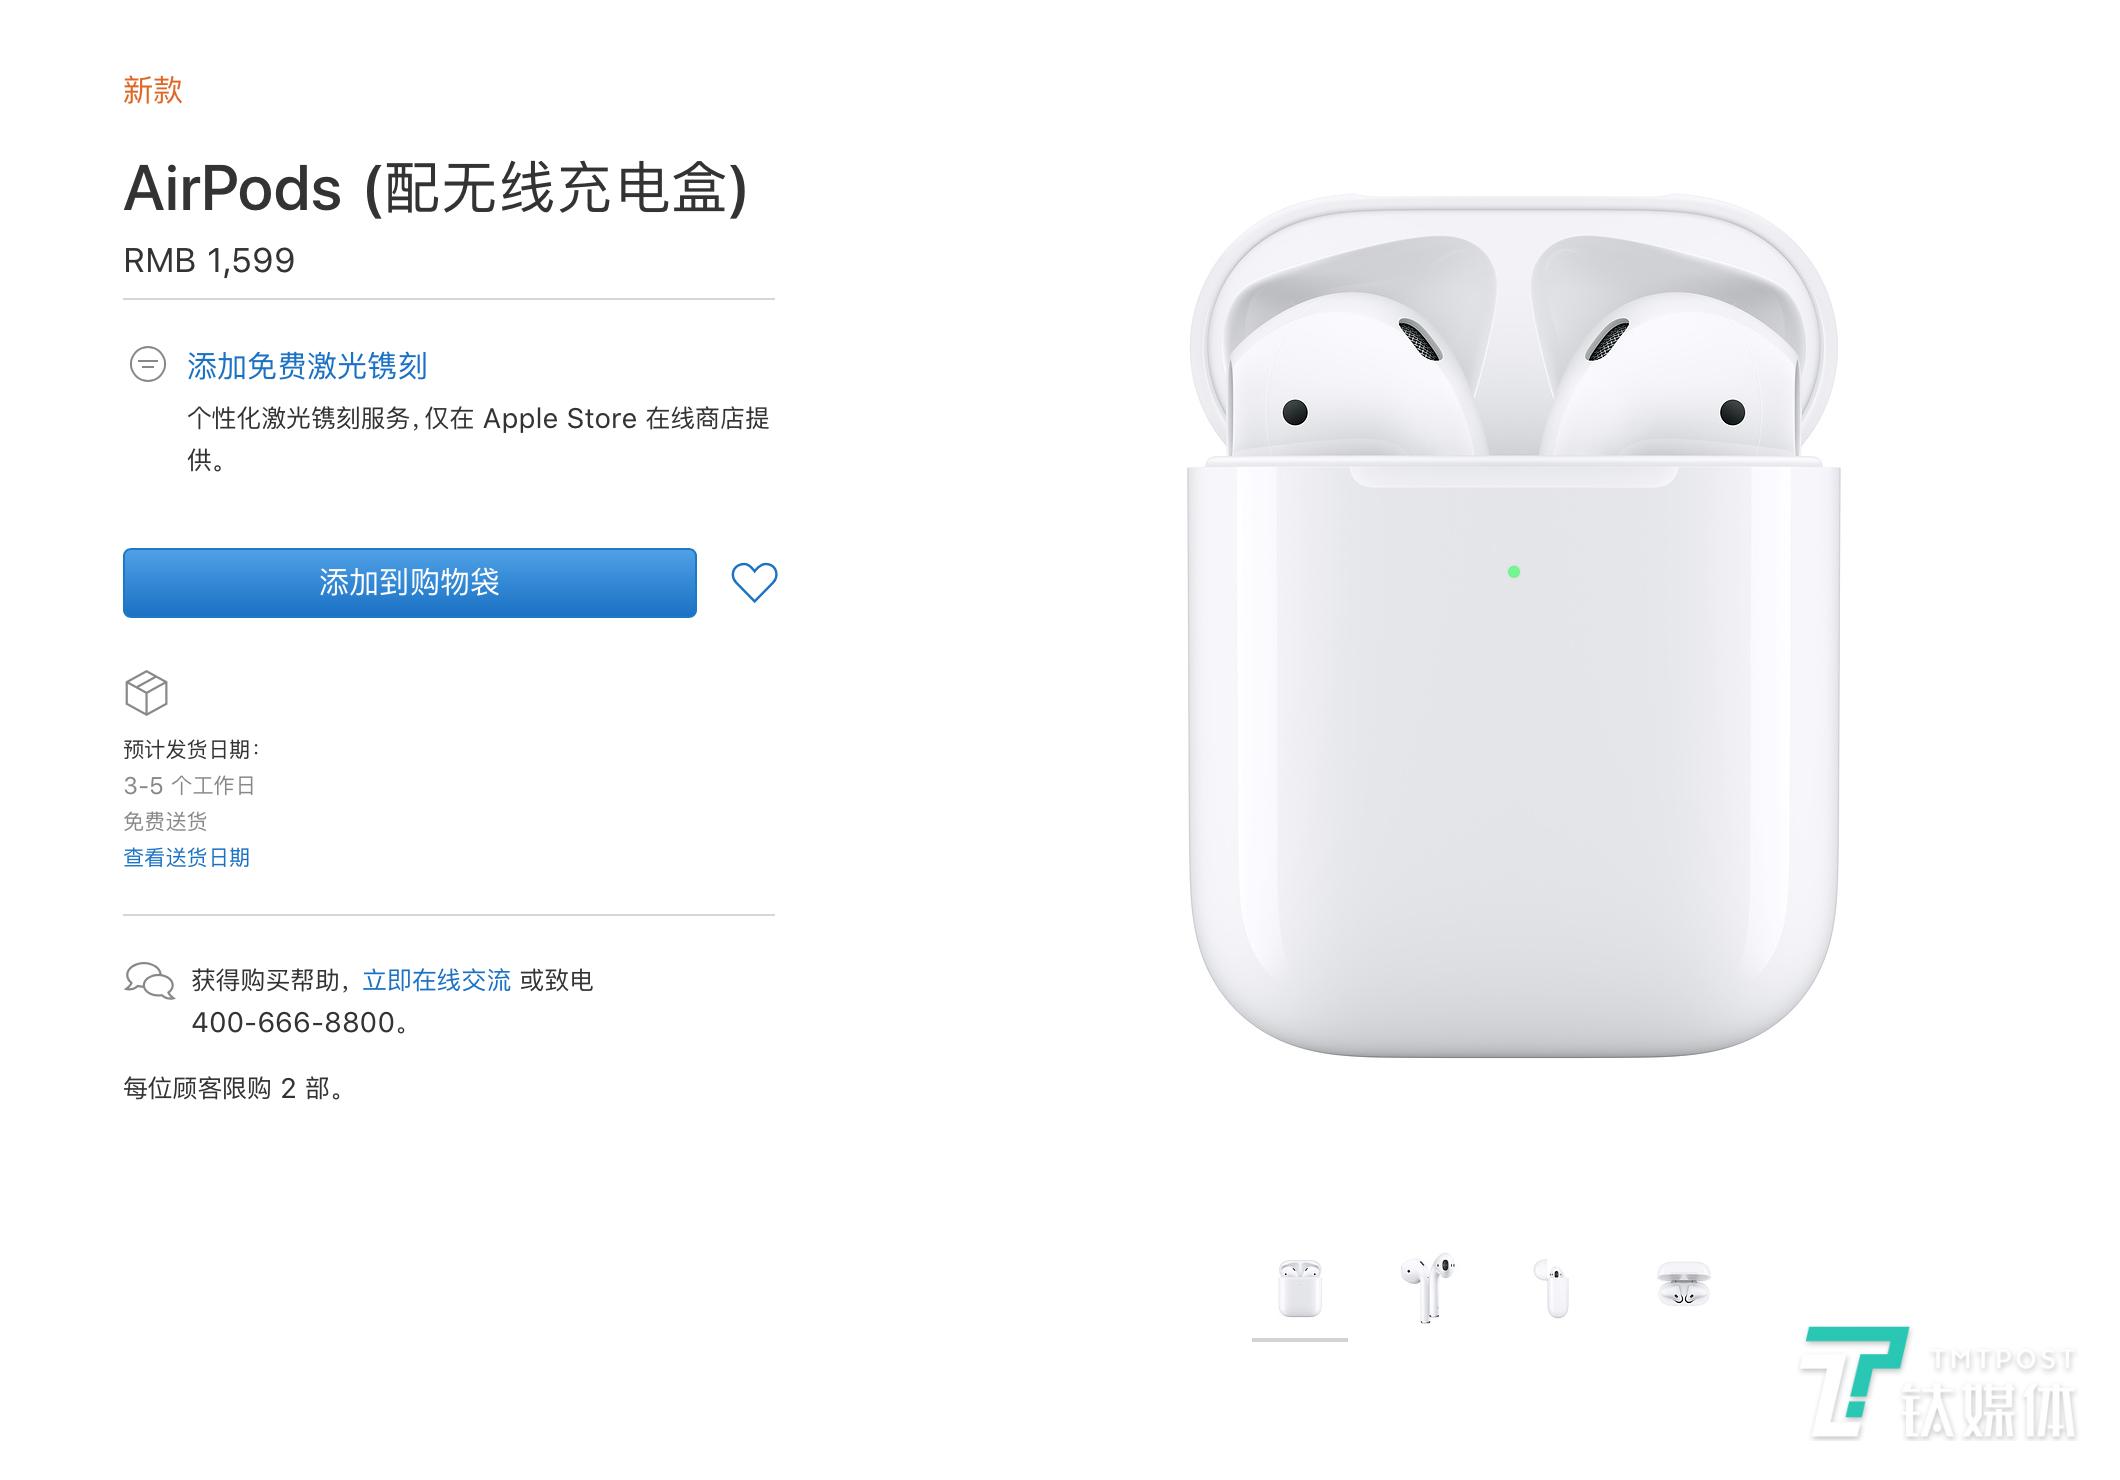 猝不及防,苹果发布了 AirPods 2 以及无线充电盒丨钛快讯